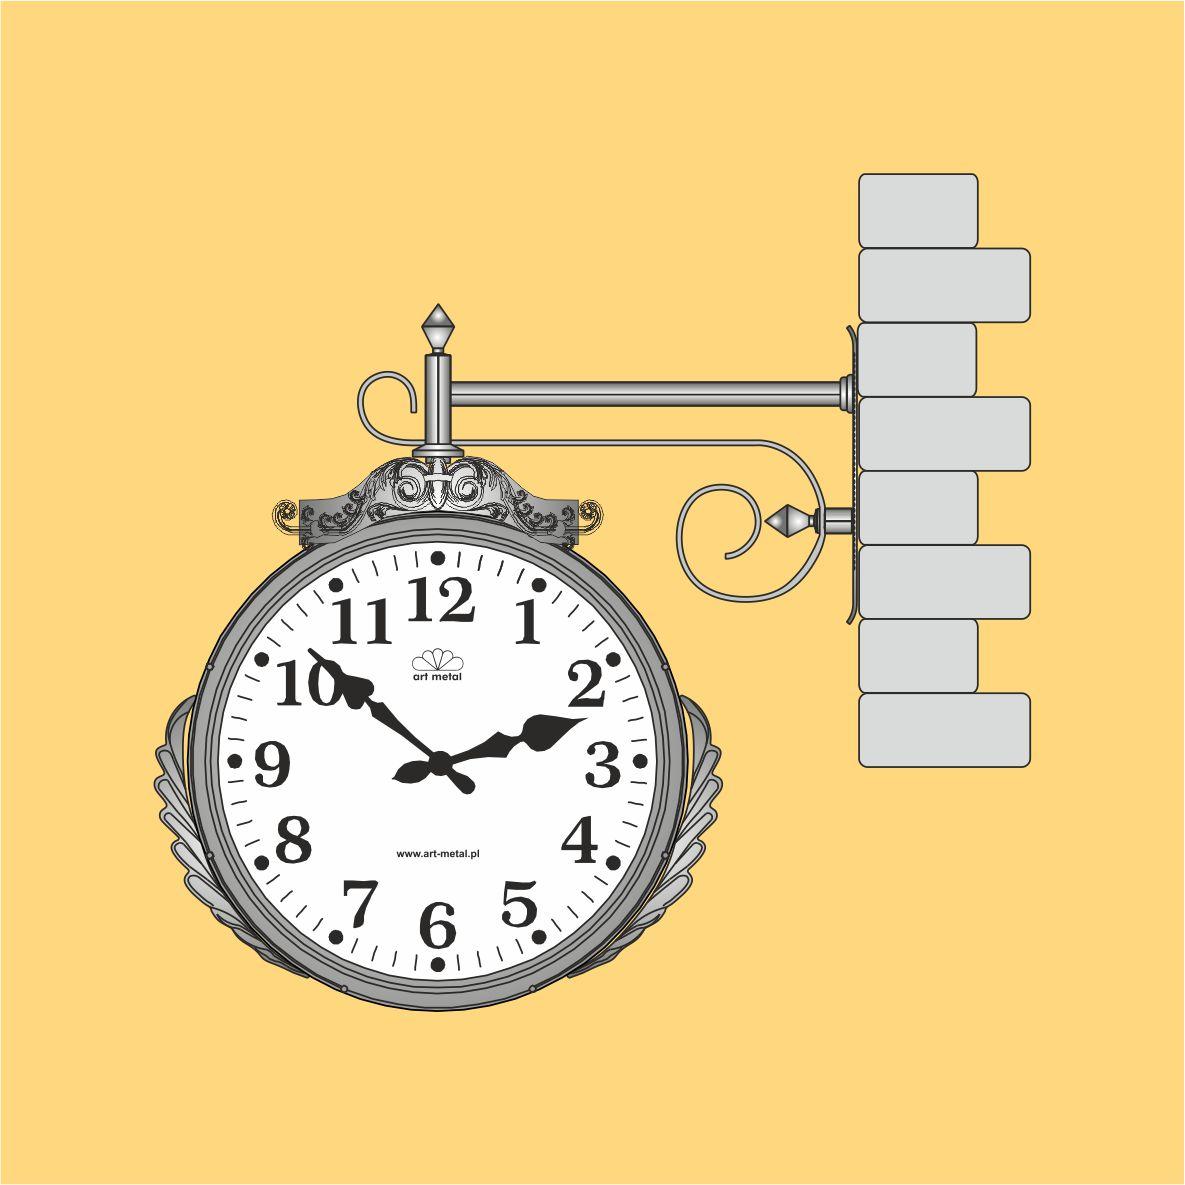 Zegar naścienny zewnętrzny produkcji Art Metal